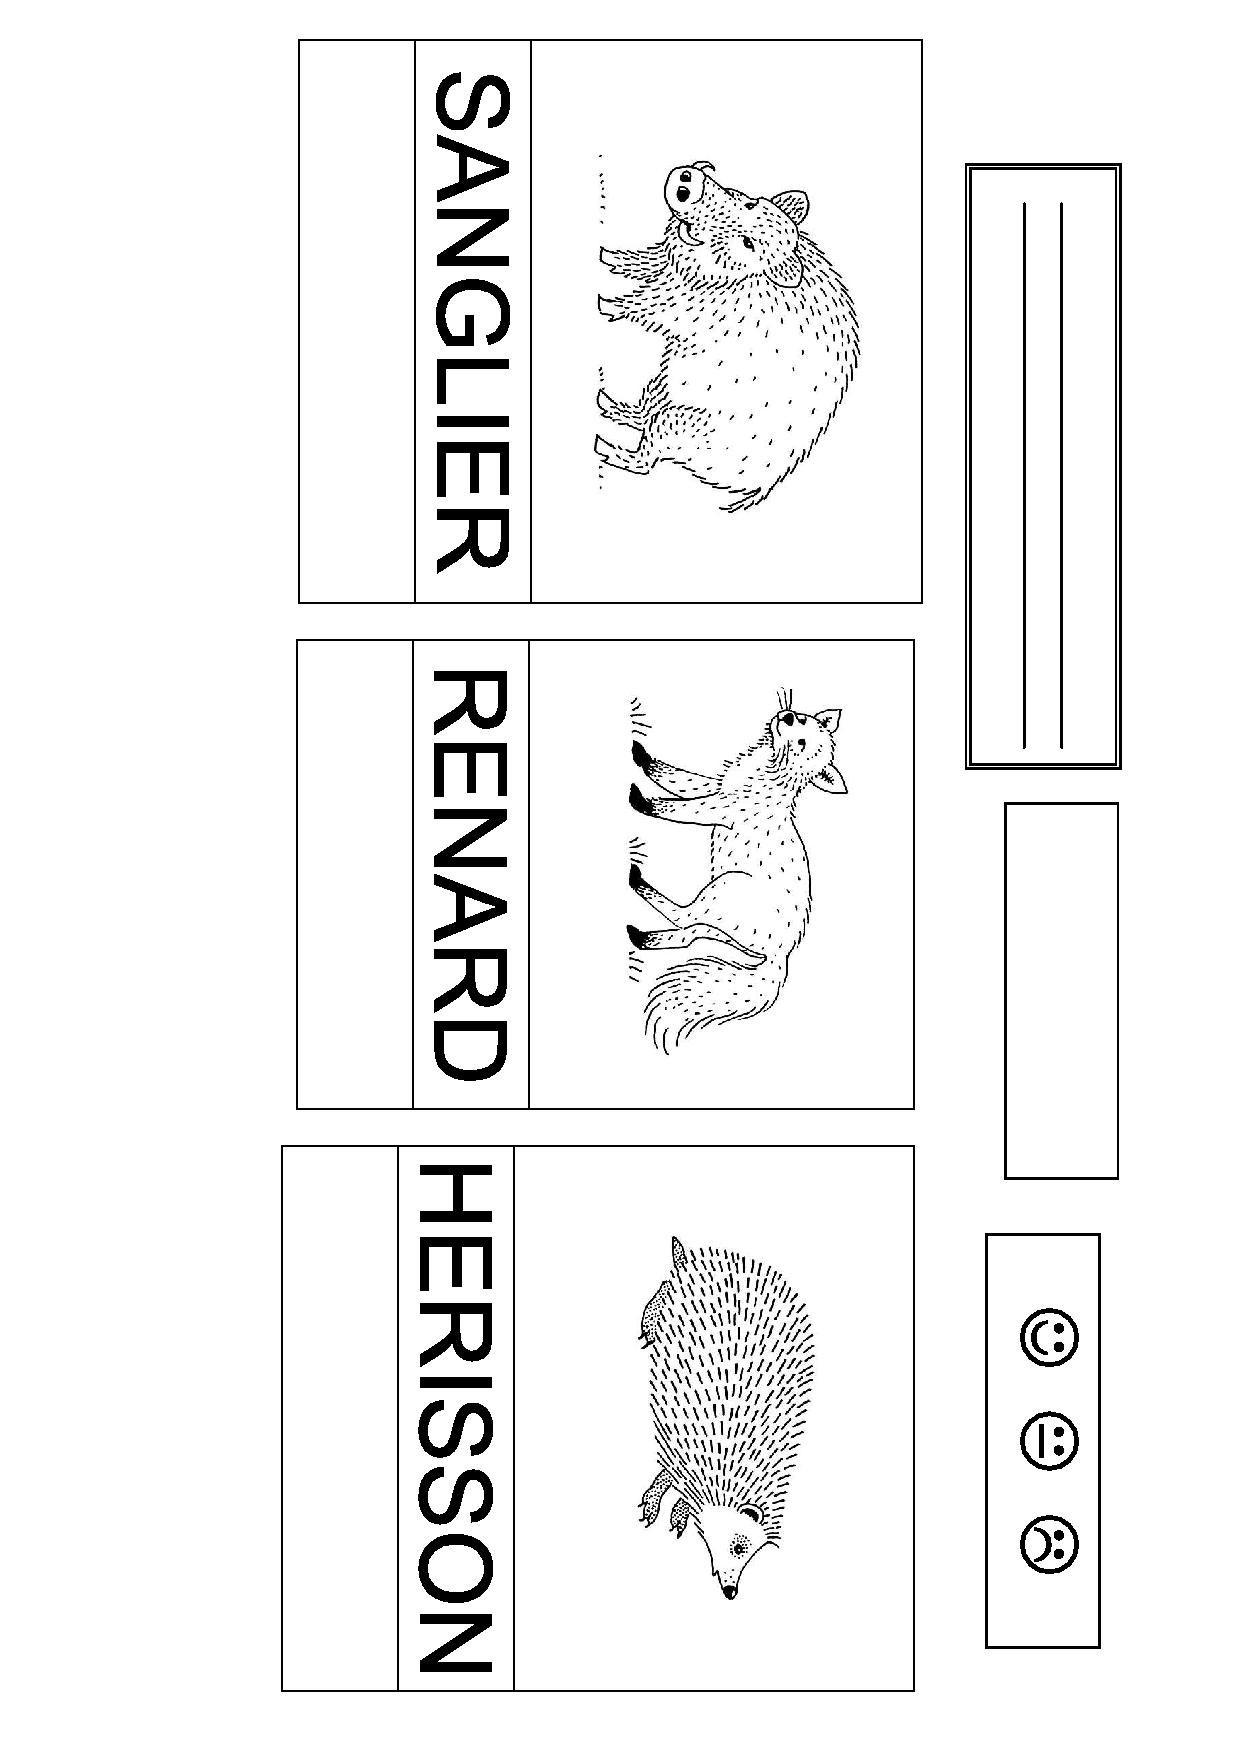 Les Animaux De La Forêt Maternelle - Recherche Google avec Animaux Foret Maternelle